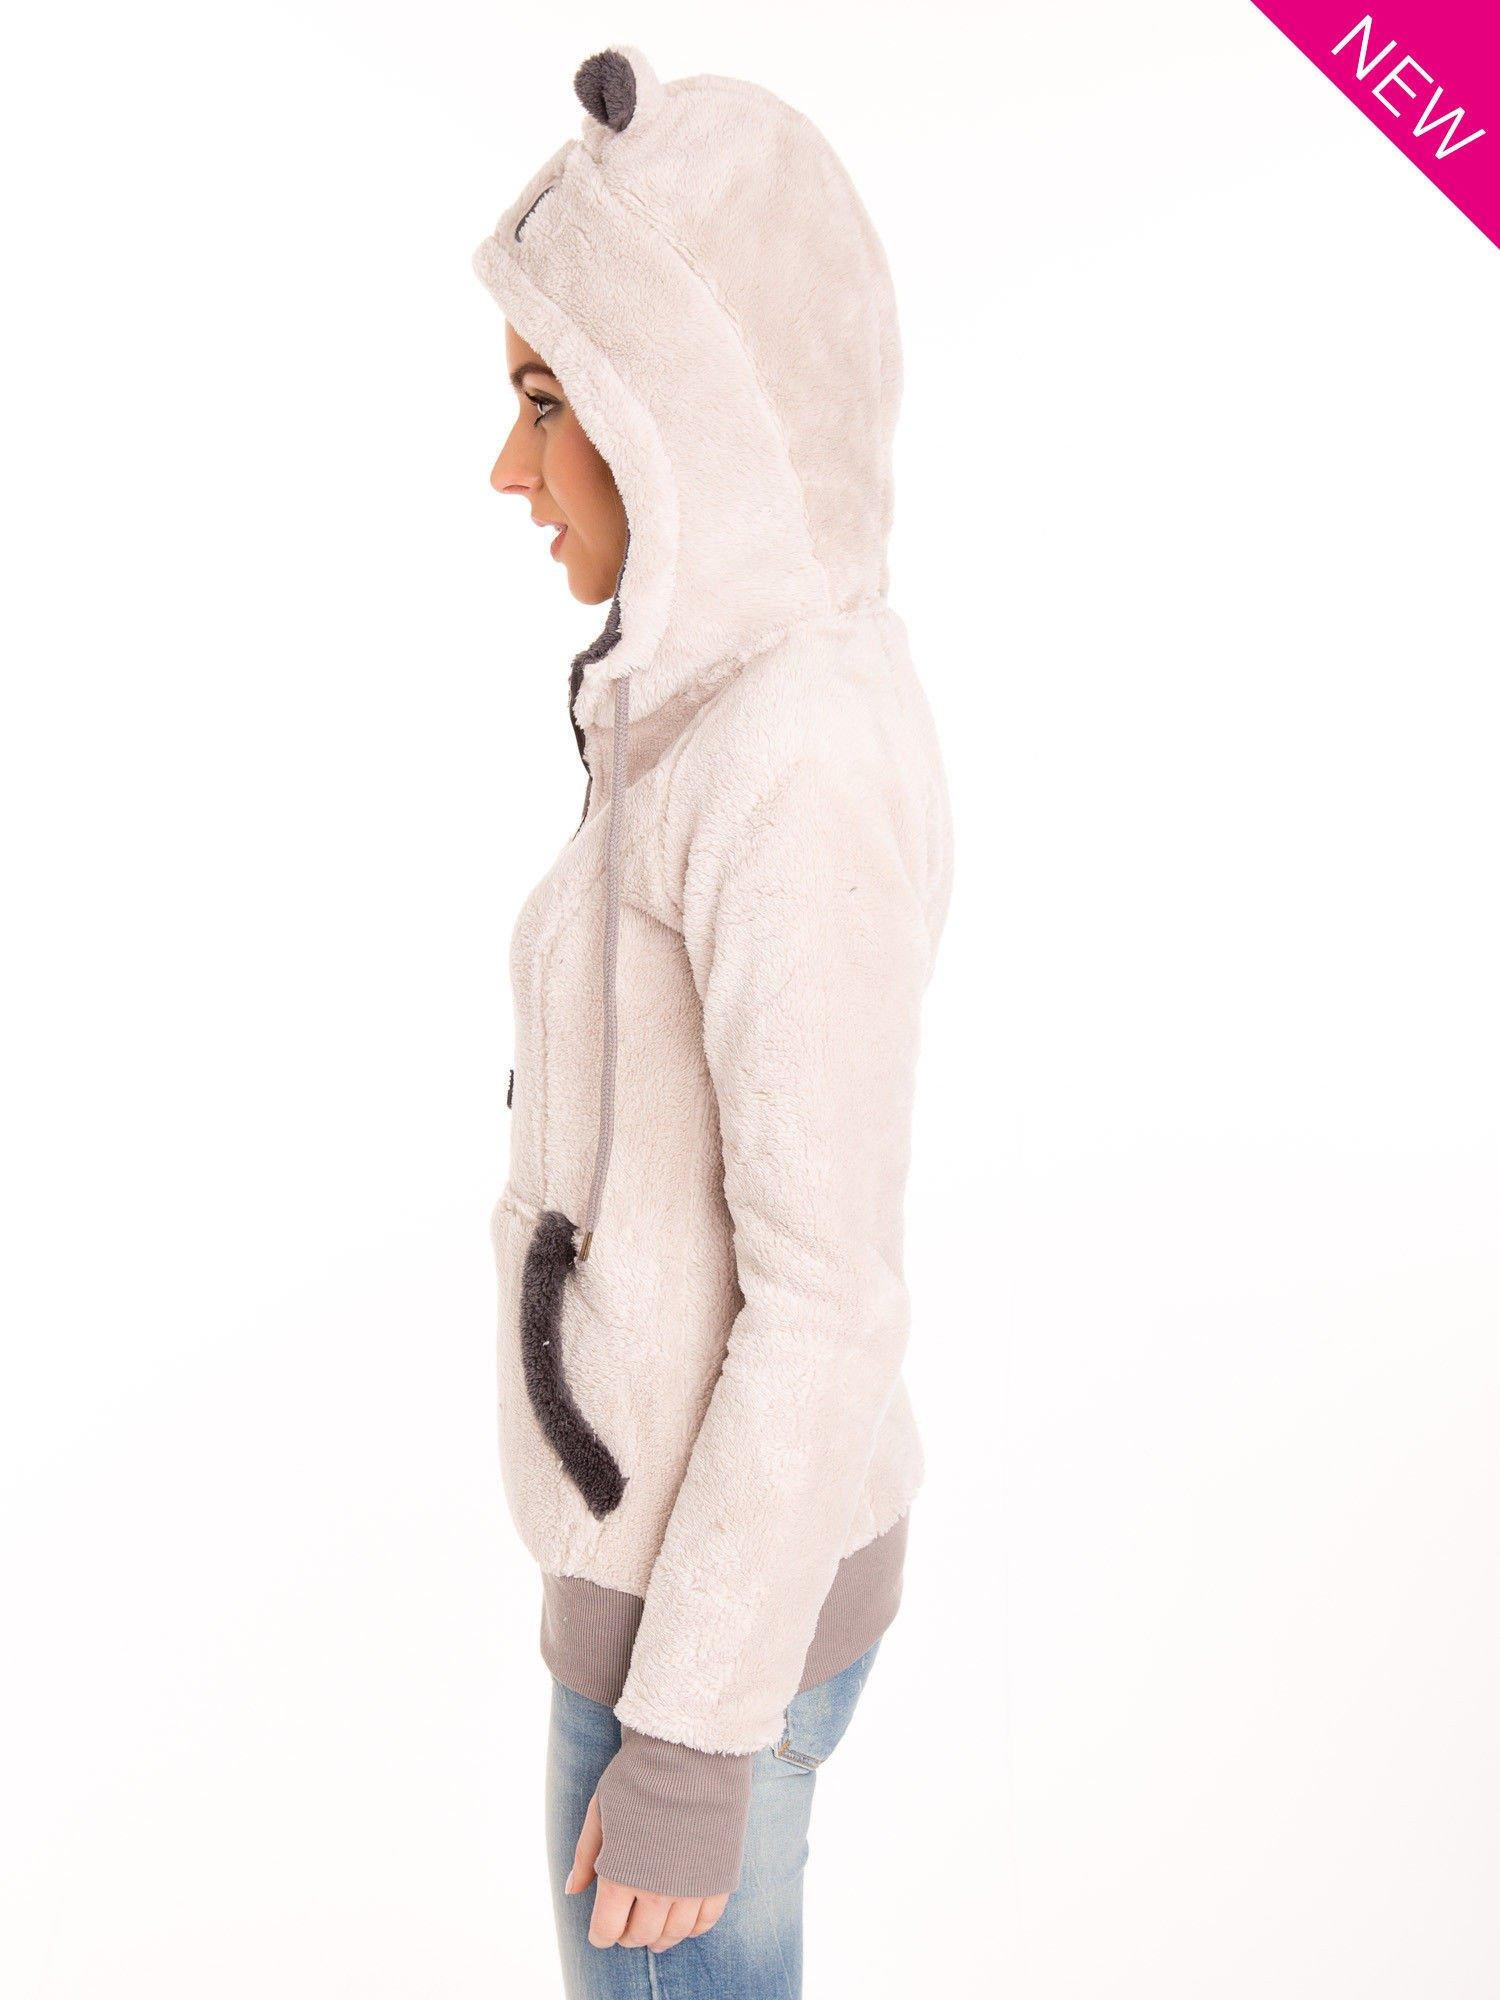 Kremowa polarowa bluza miś z kapturem z uszkami                                  zdj.                                  2